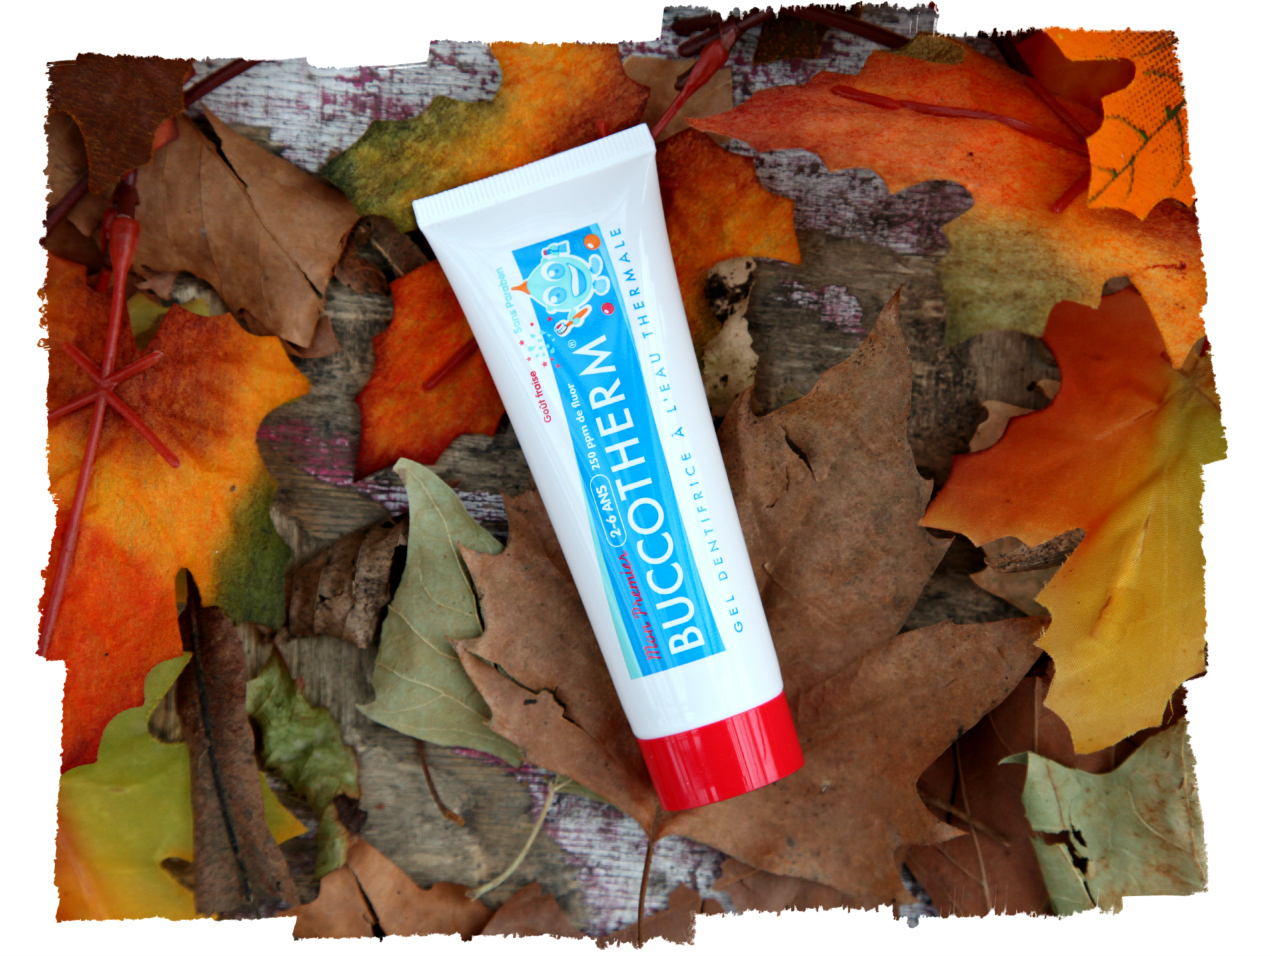 Buccotherm, la nuova frontiera dell'igiene orale, alessia milanese, thechilicool, fashion blog, fashion blogger